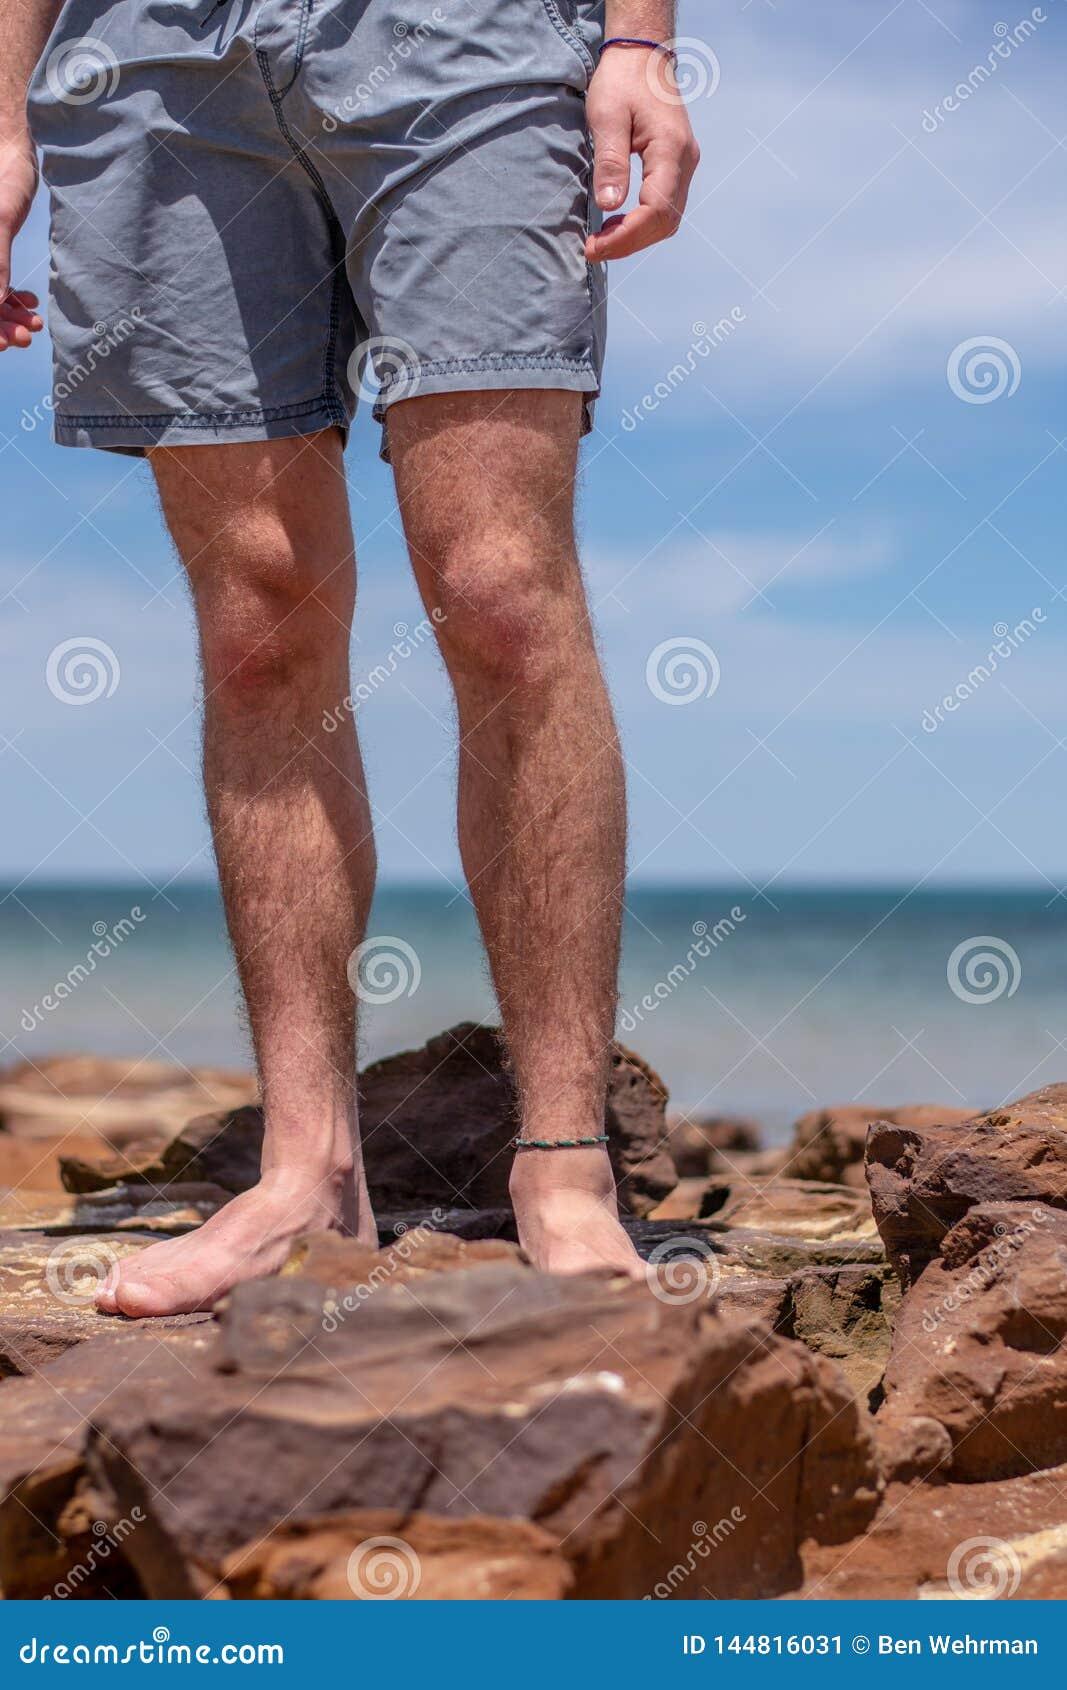 Les jambes du garçon sur la plage